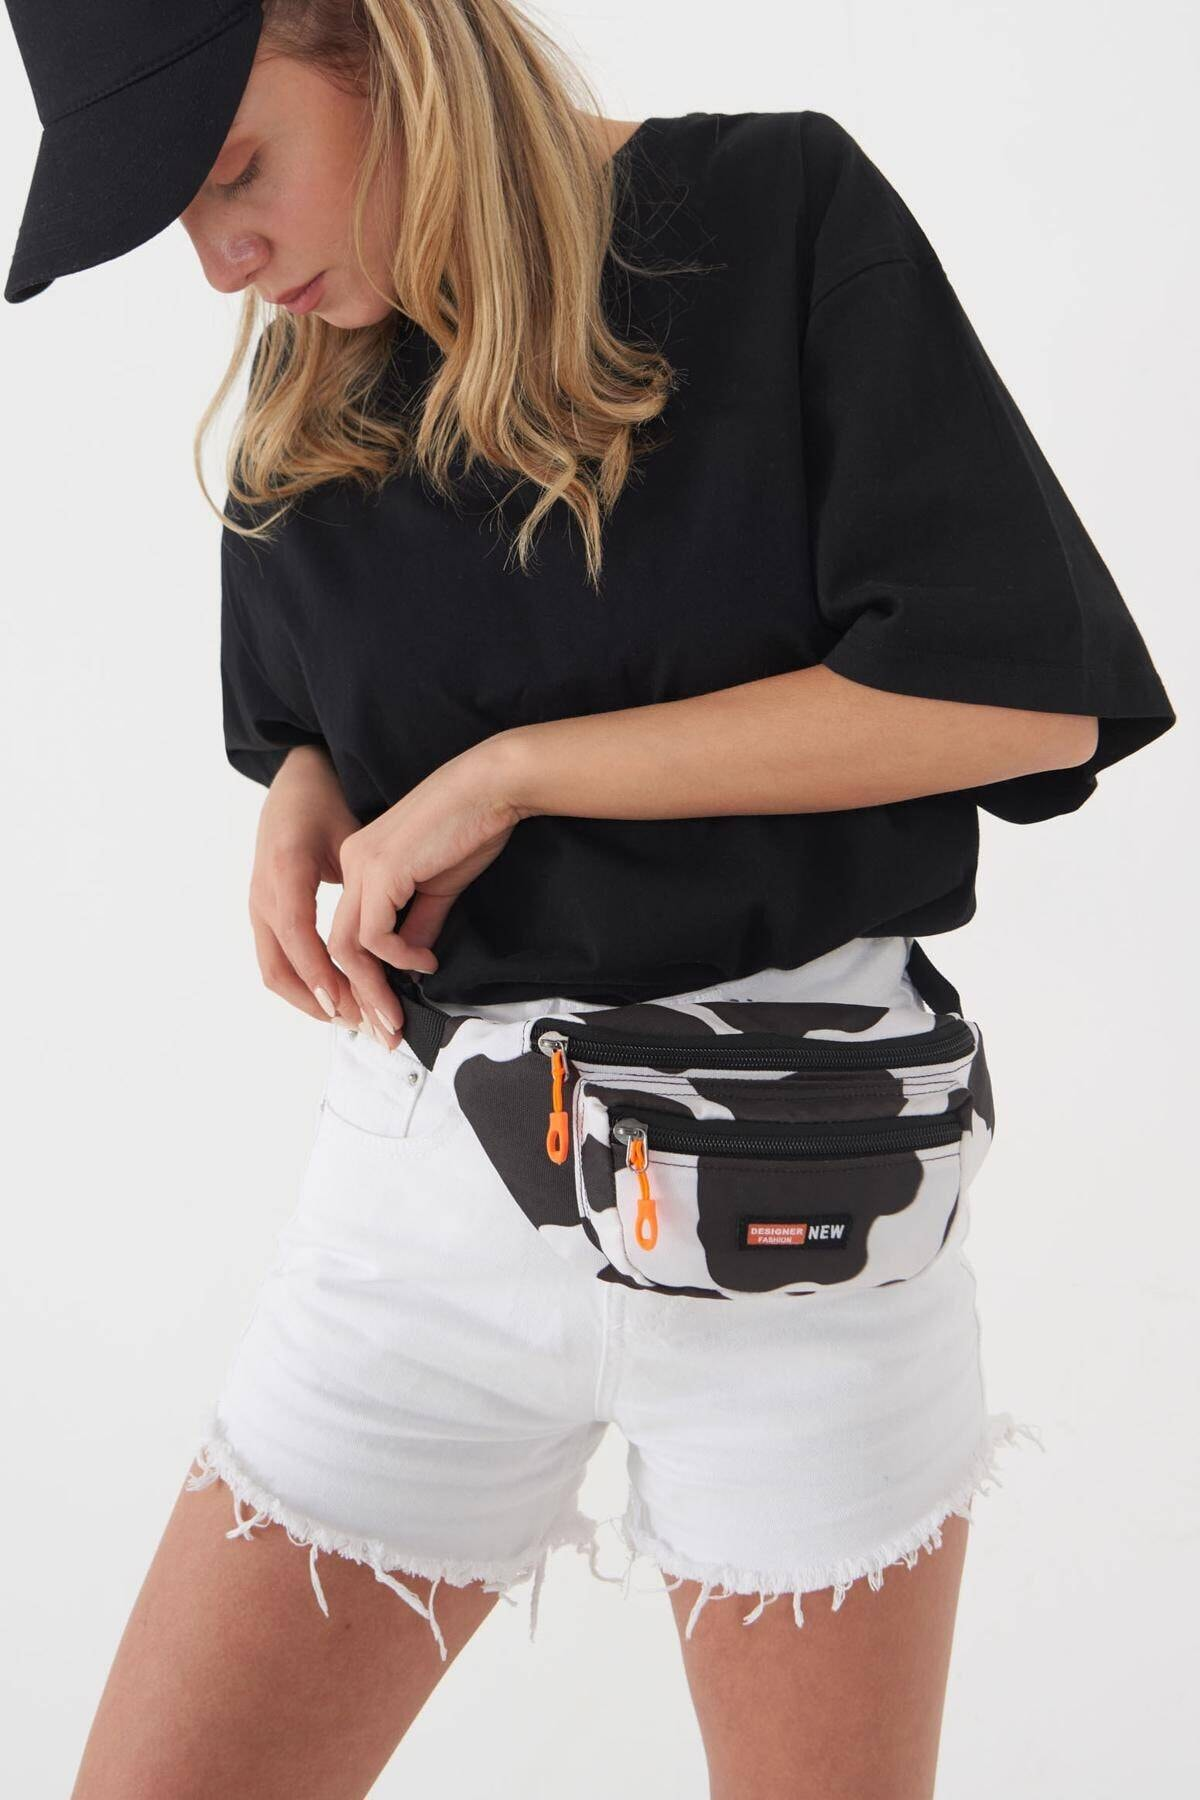 Addax Kadın Siyah Beyaz Bel Çantası Ç2222 - F11 Adx-0000023858 0